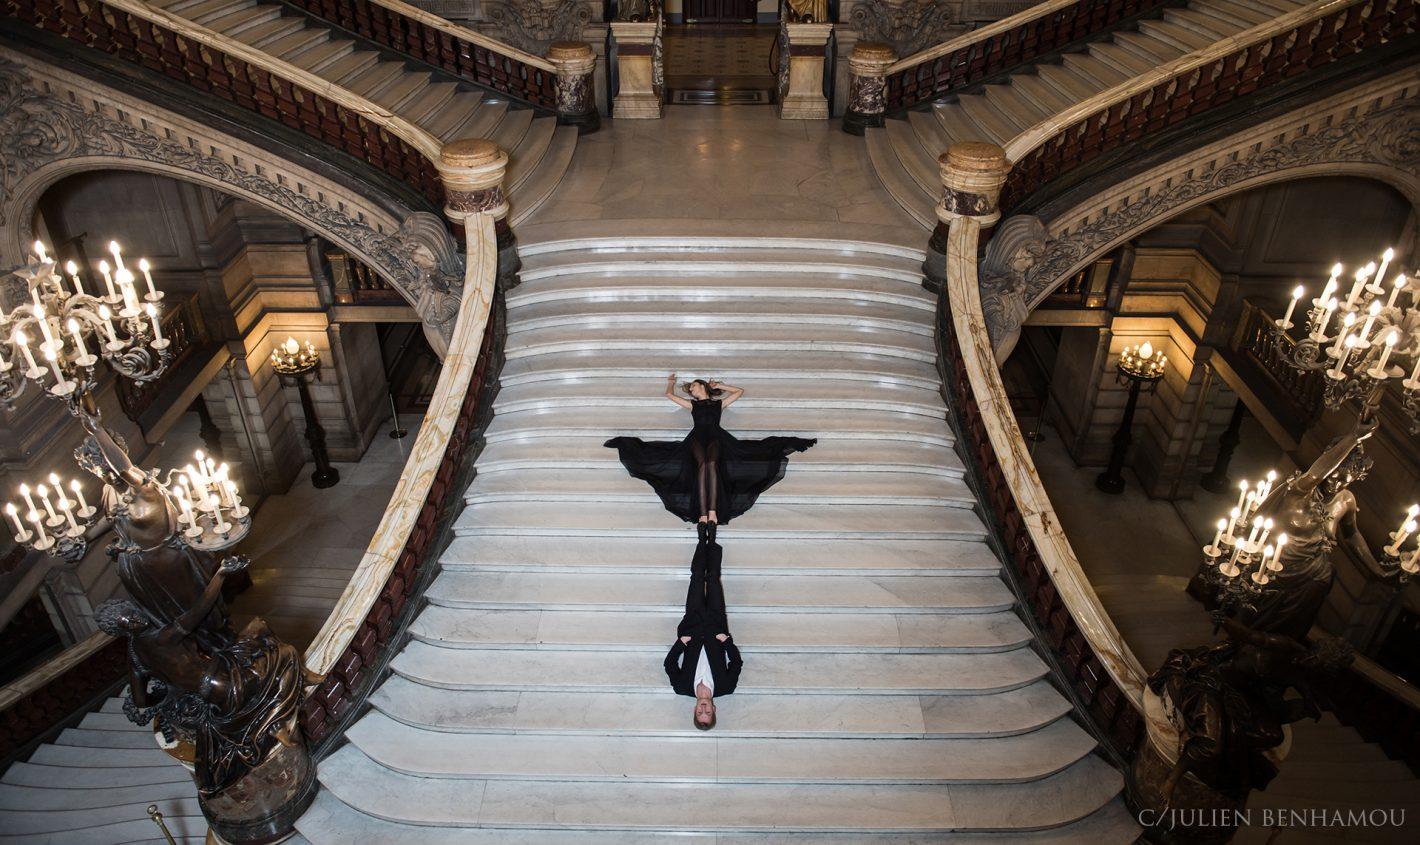 Visitez l'Opéra de Paris en photo avec Julien Benhamou